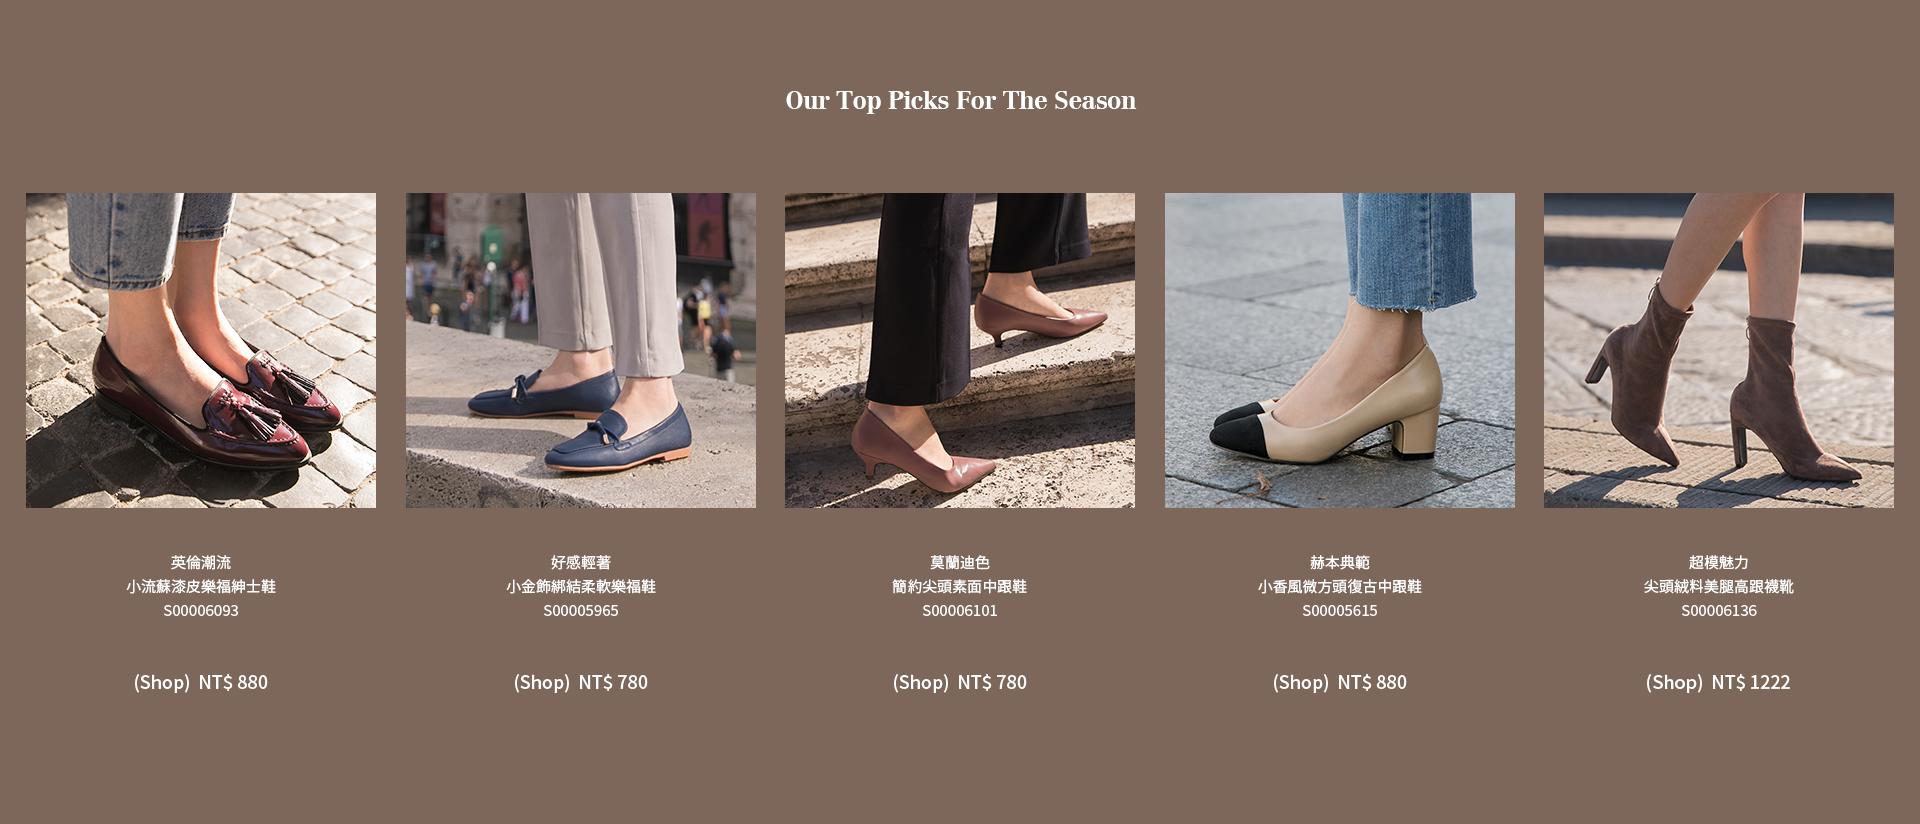 早春新品女鞋鞋款推薦 樂福鞋 跟鞋 低跟鞋 襪靴